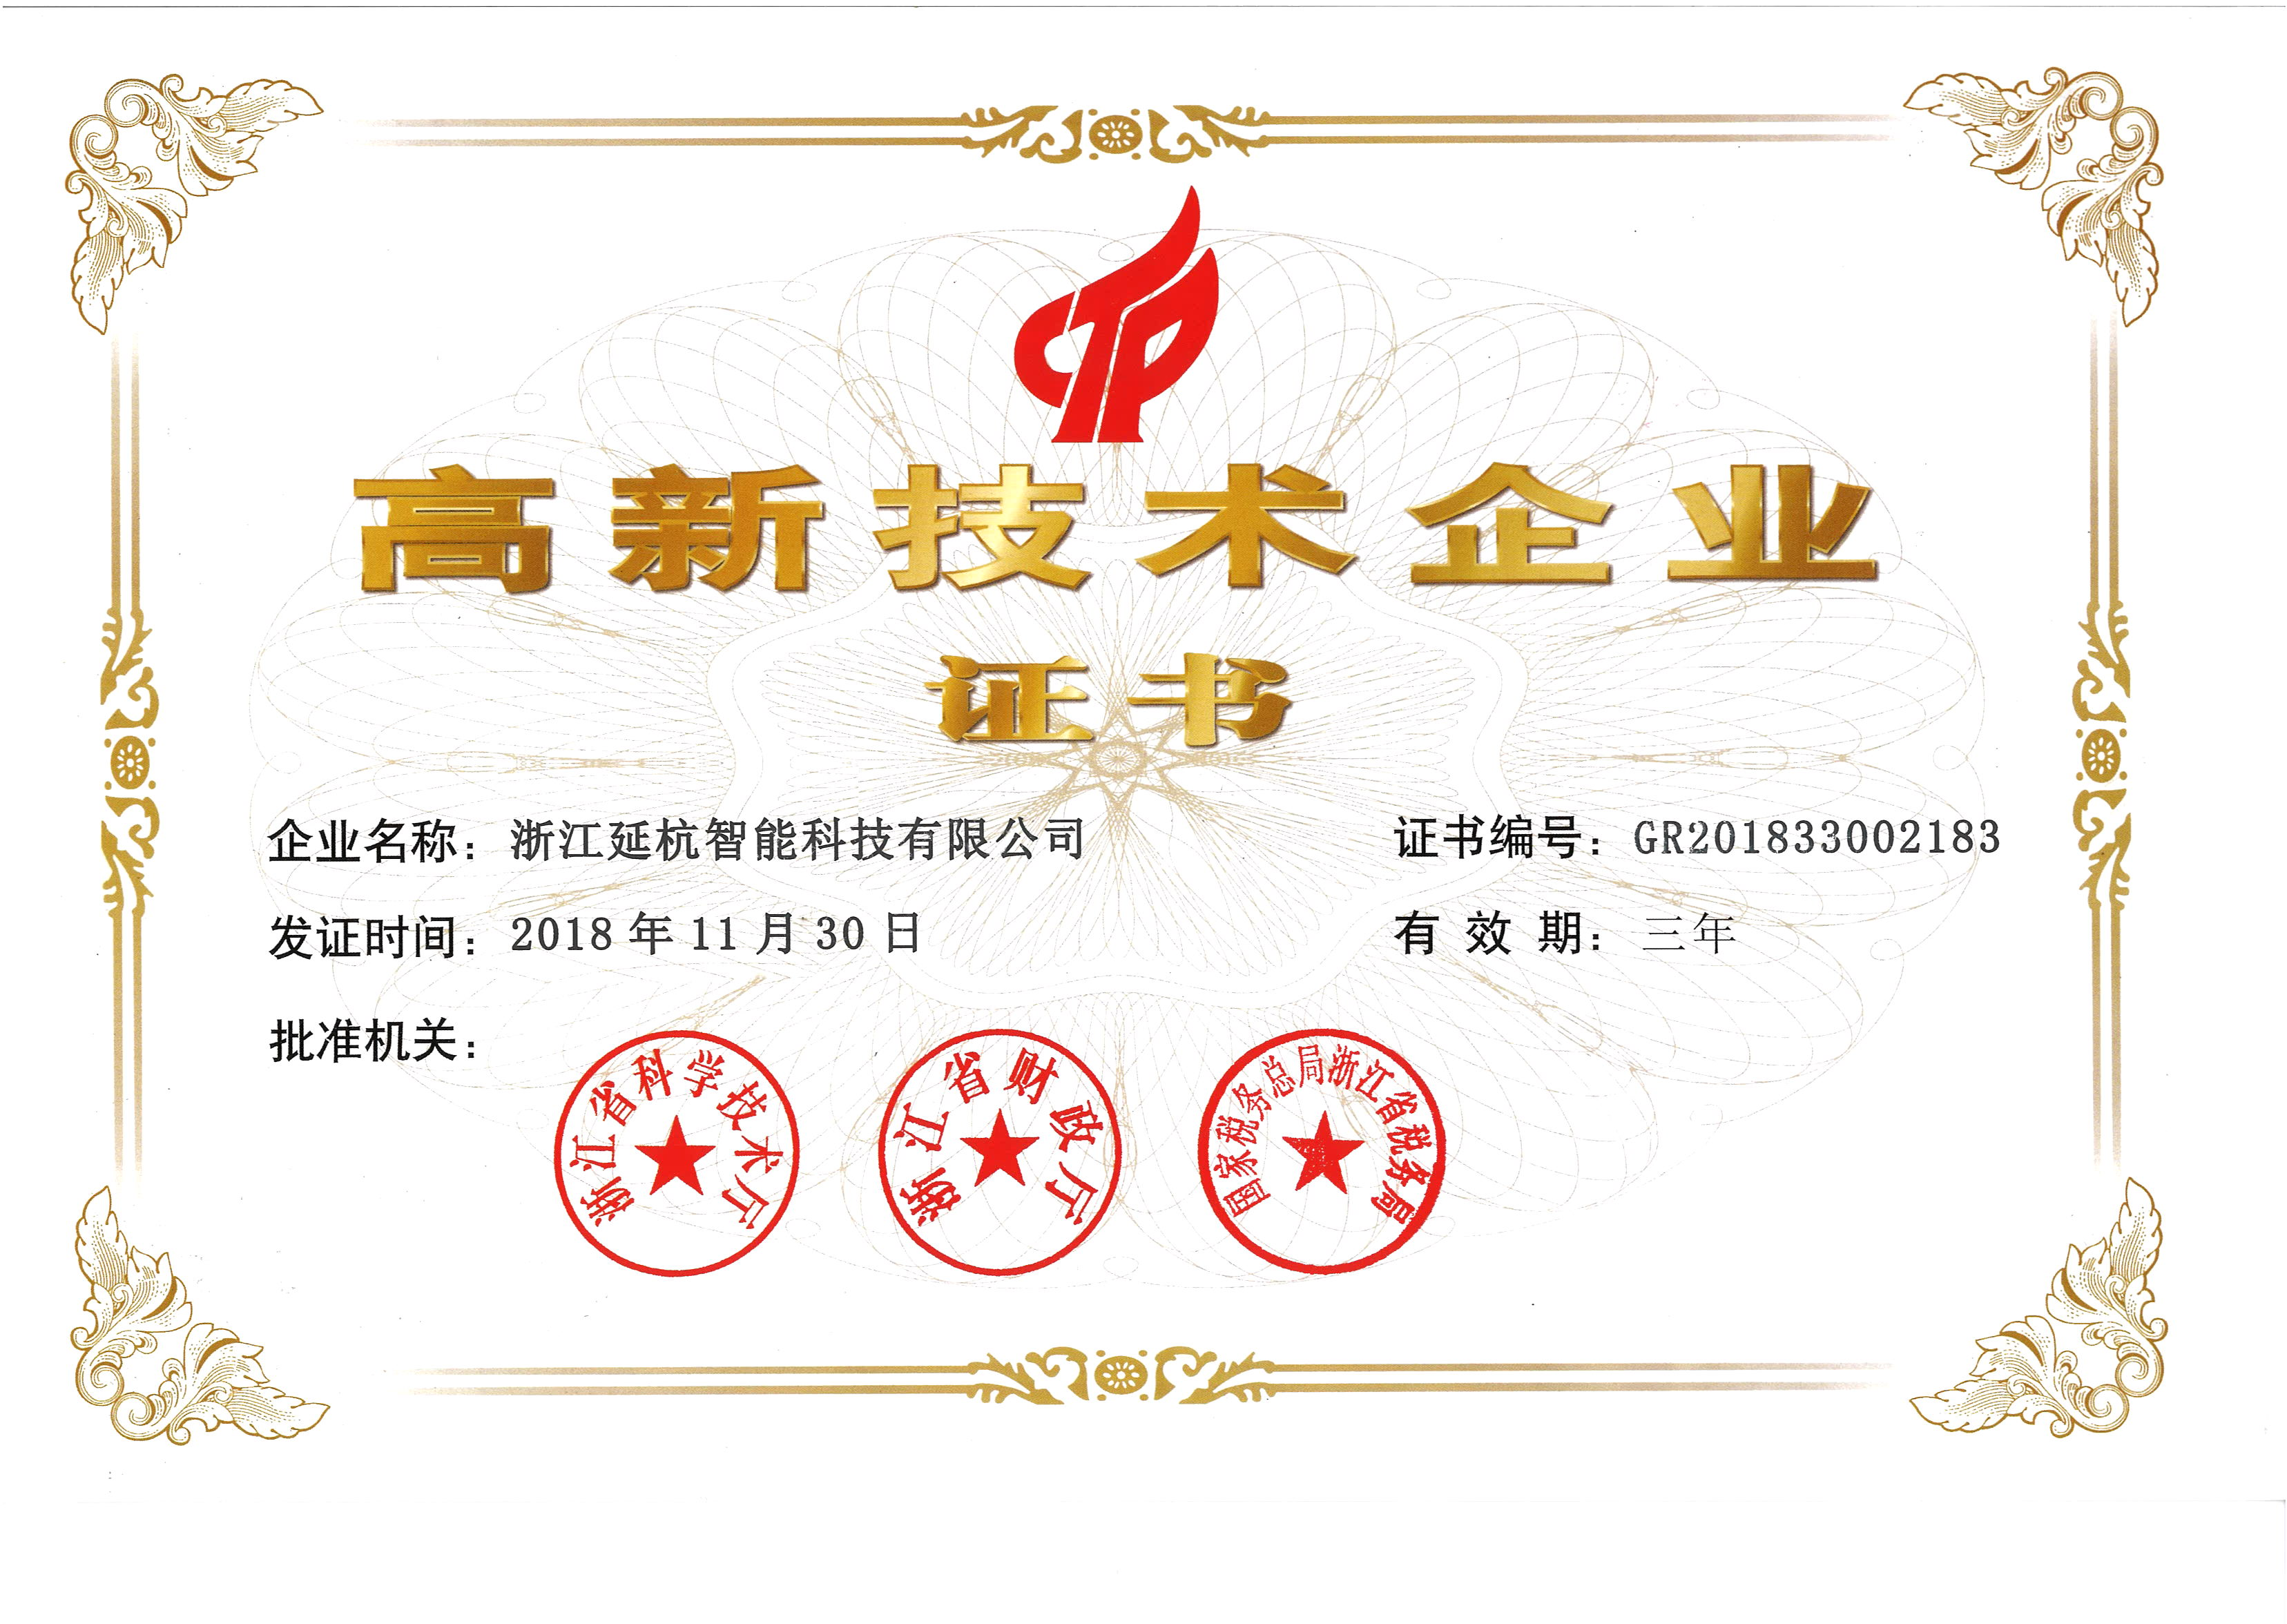 浙江延杭智能科技有限公司